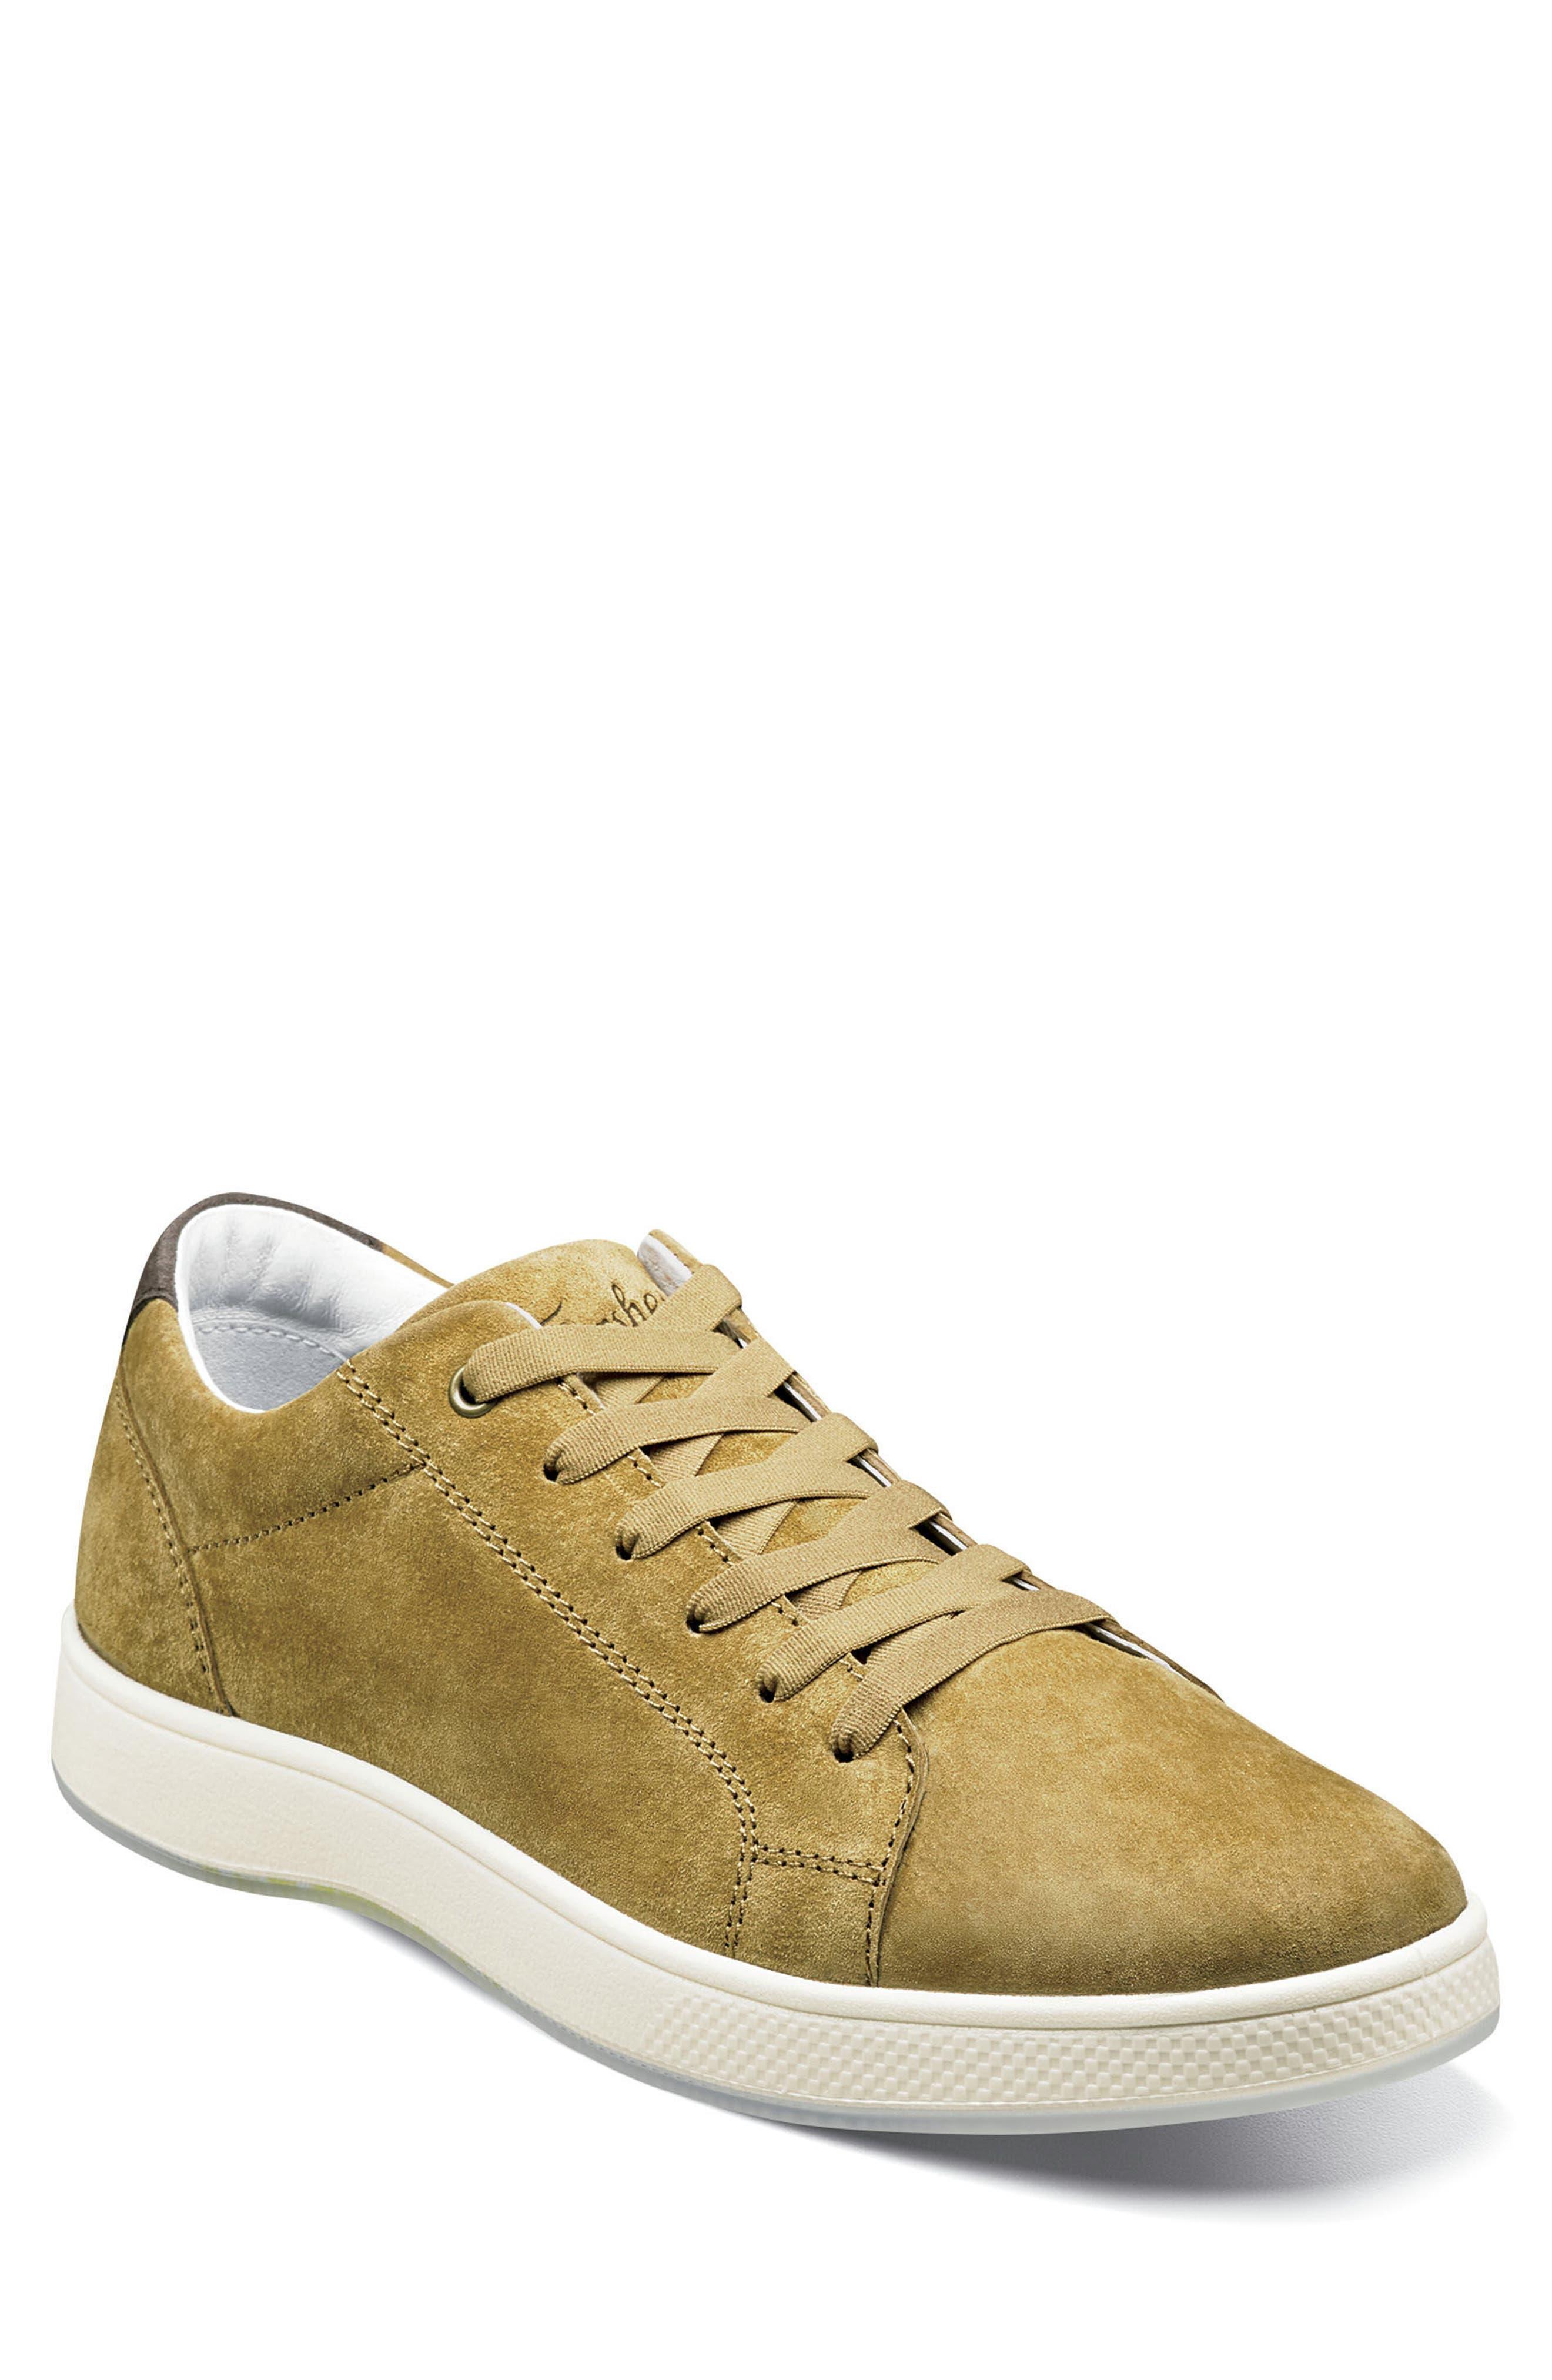 FOOTWEAR - Low-tops & sneakers Florsheim lCvlB